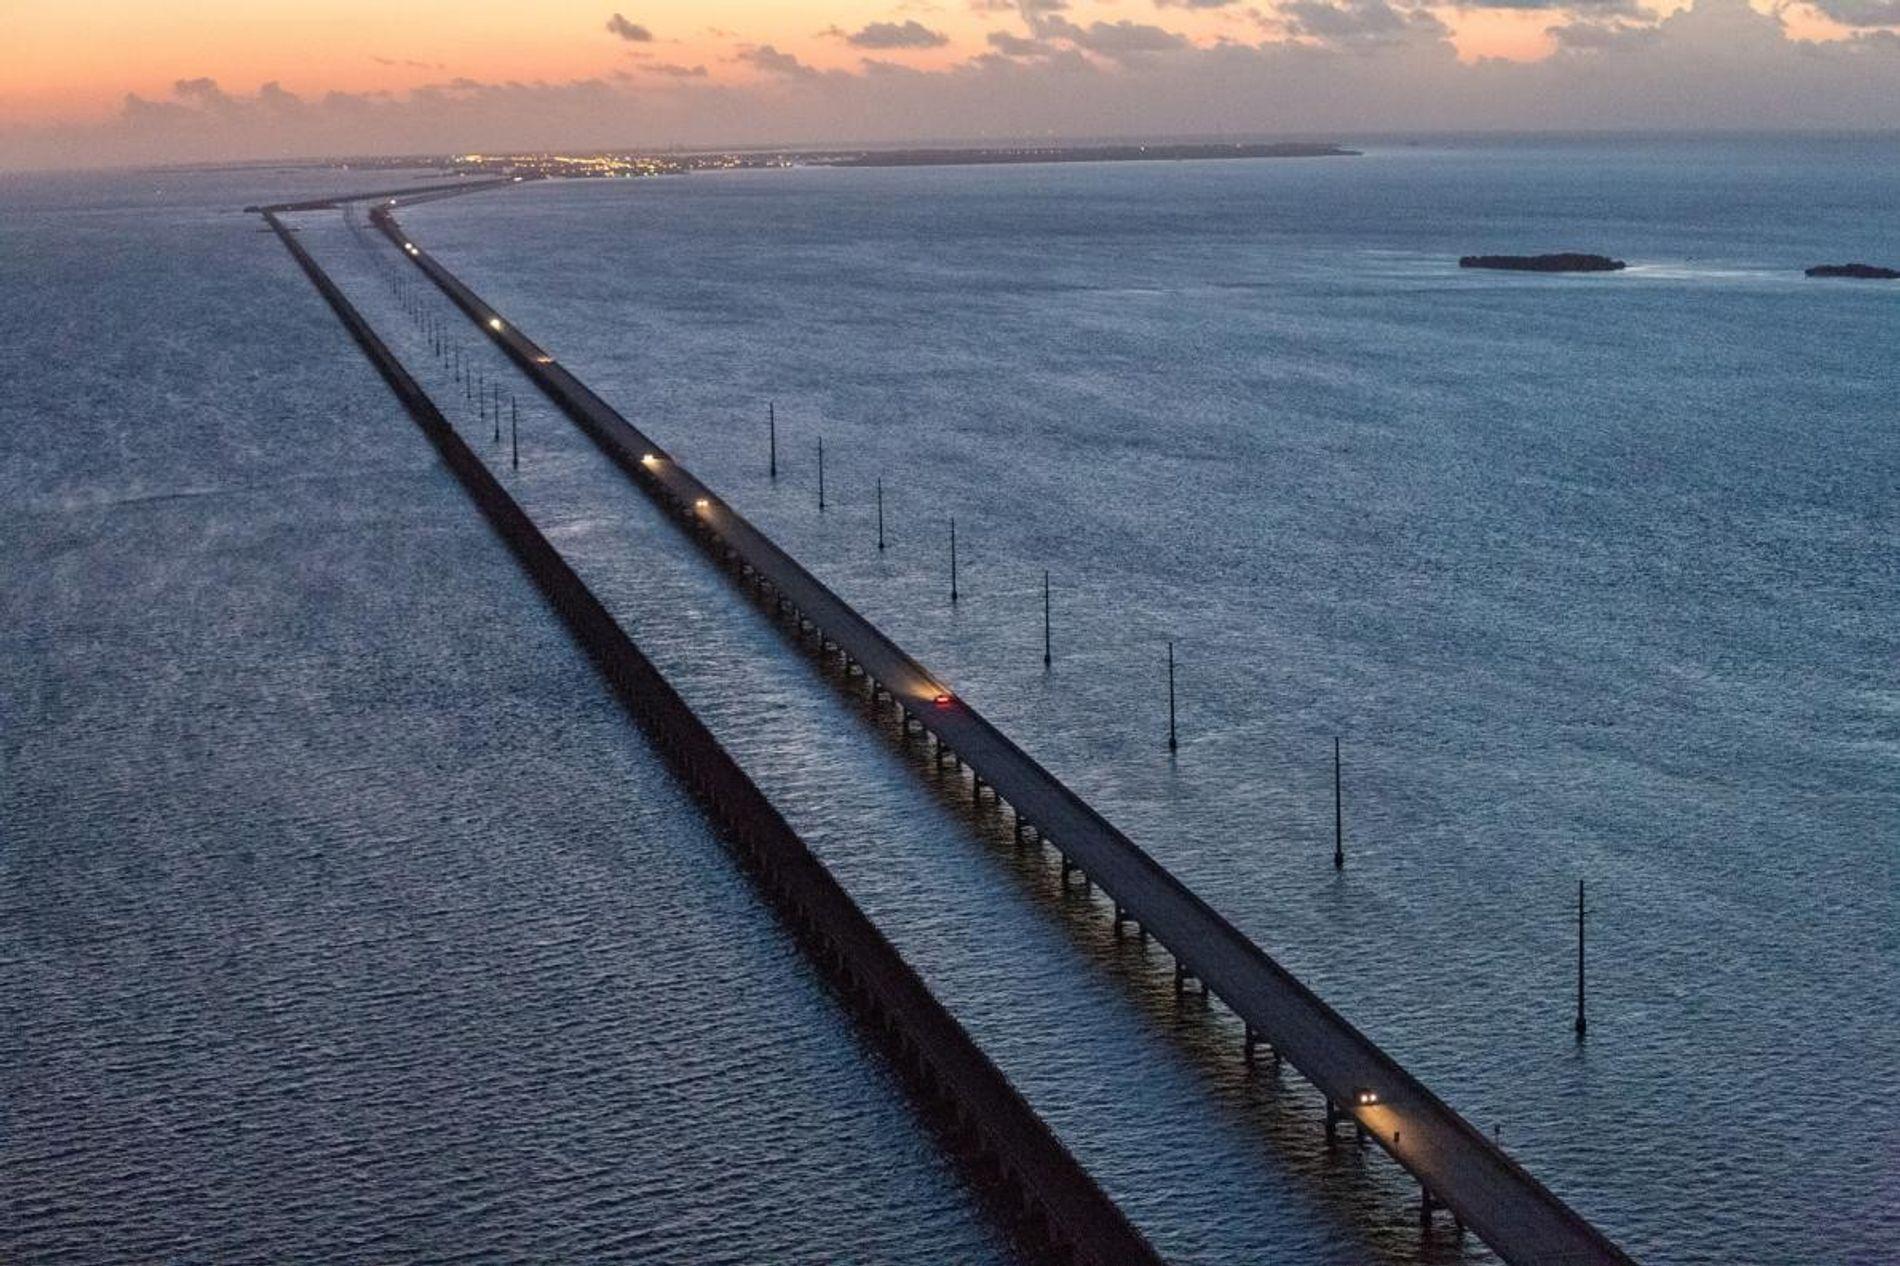 Six Mile Bridge, qui mène de Marathon Key à Key West, est ce à quoi la côte sud de la Floride pourrait ressembler d'ici cent ans si le niveau de la mer monte selon les prévisions climatiques actuelles.